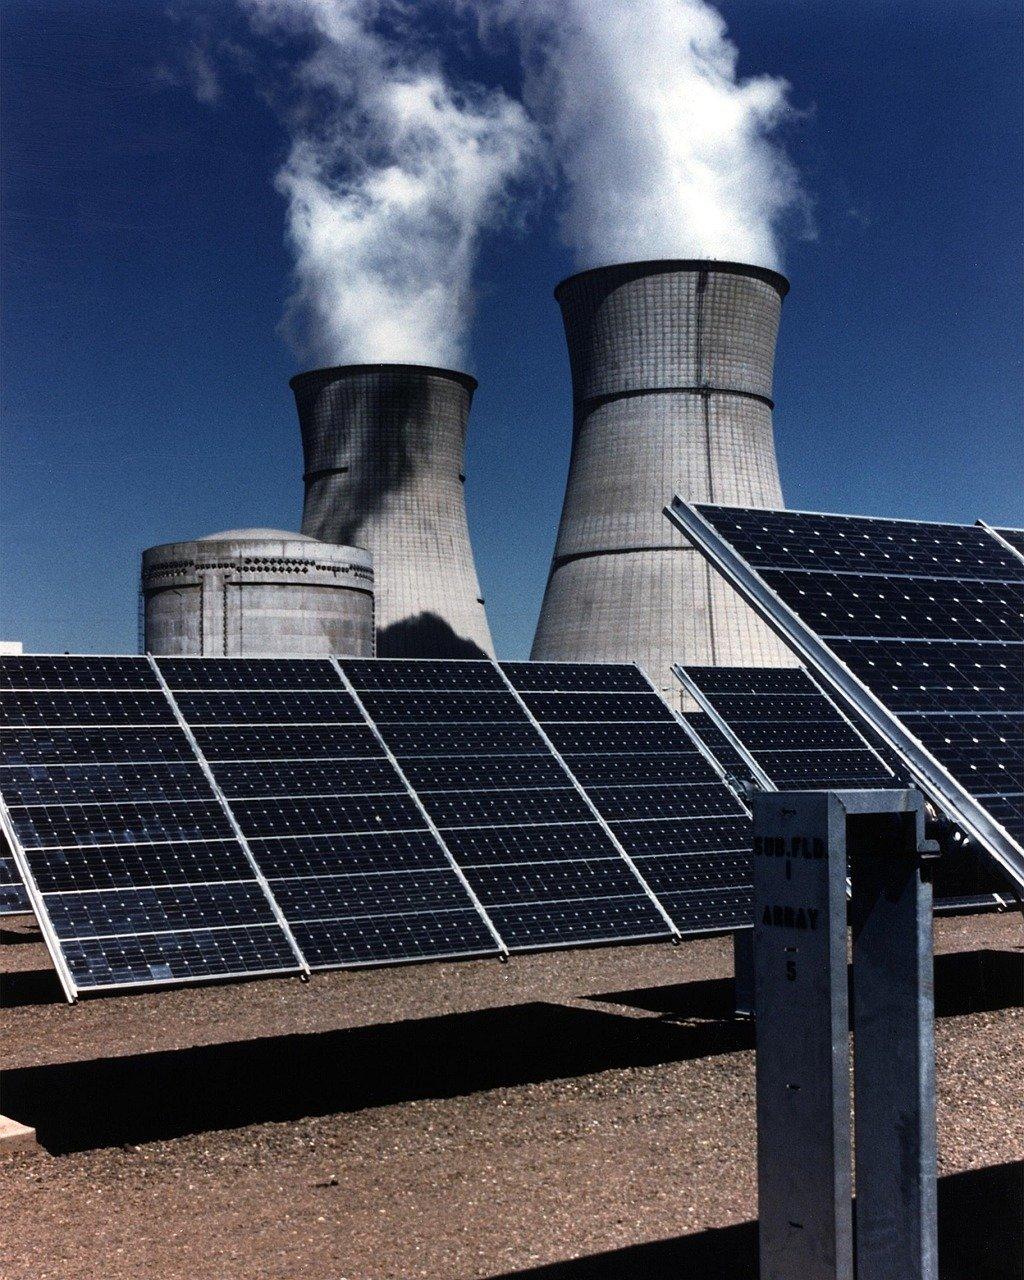 Una rete economica a zero emissioni, ha bisogno di un nuovo nucleare